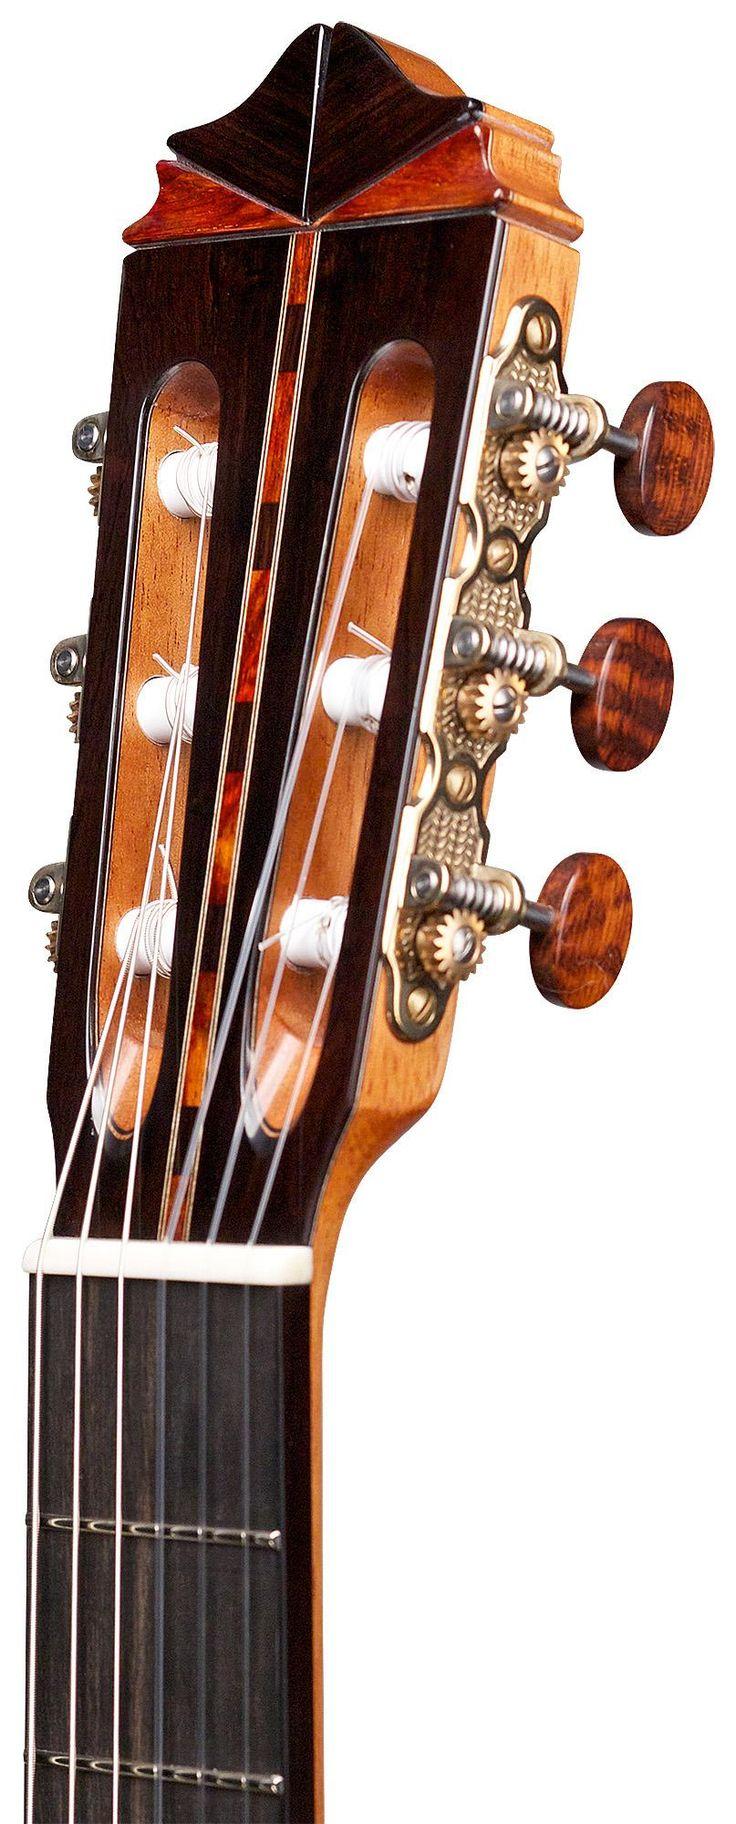 Classical Guitars - 2015 Hans van den Berg CD/IN - Guitar Salon International